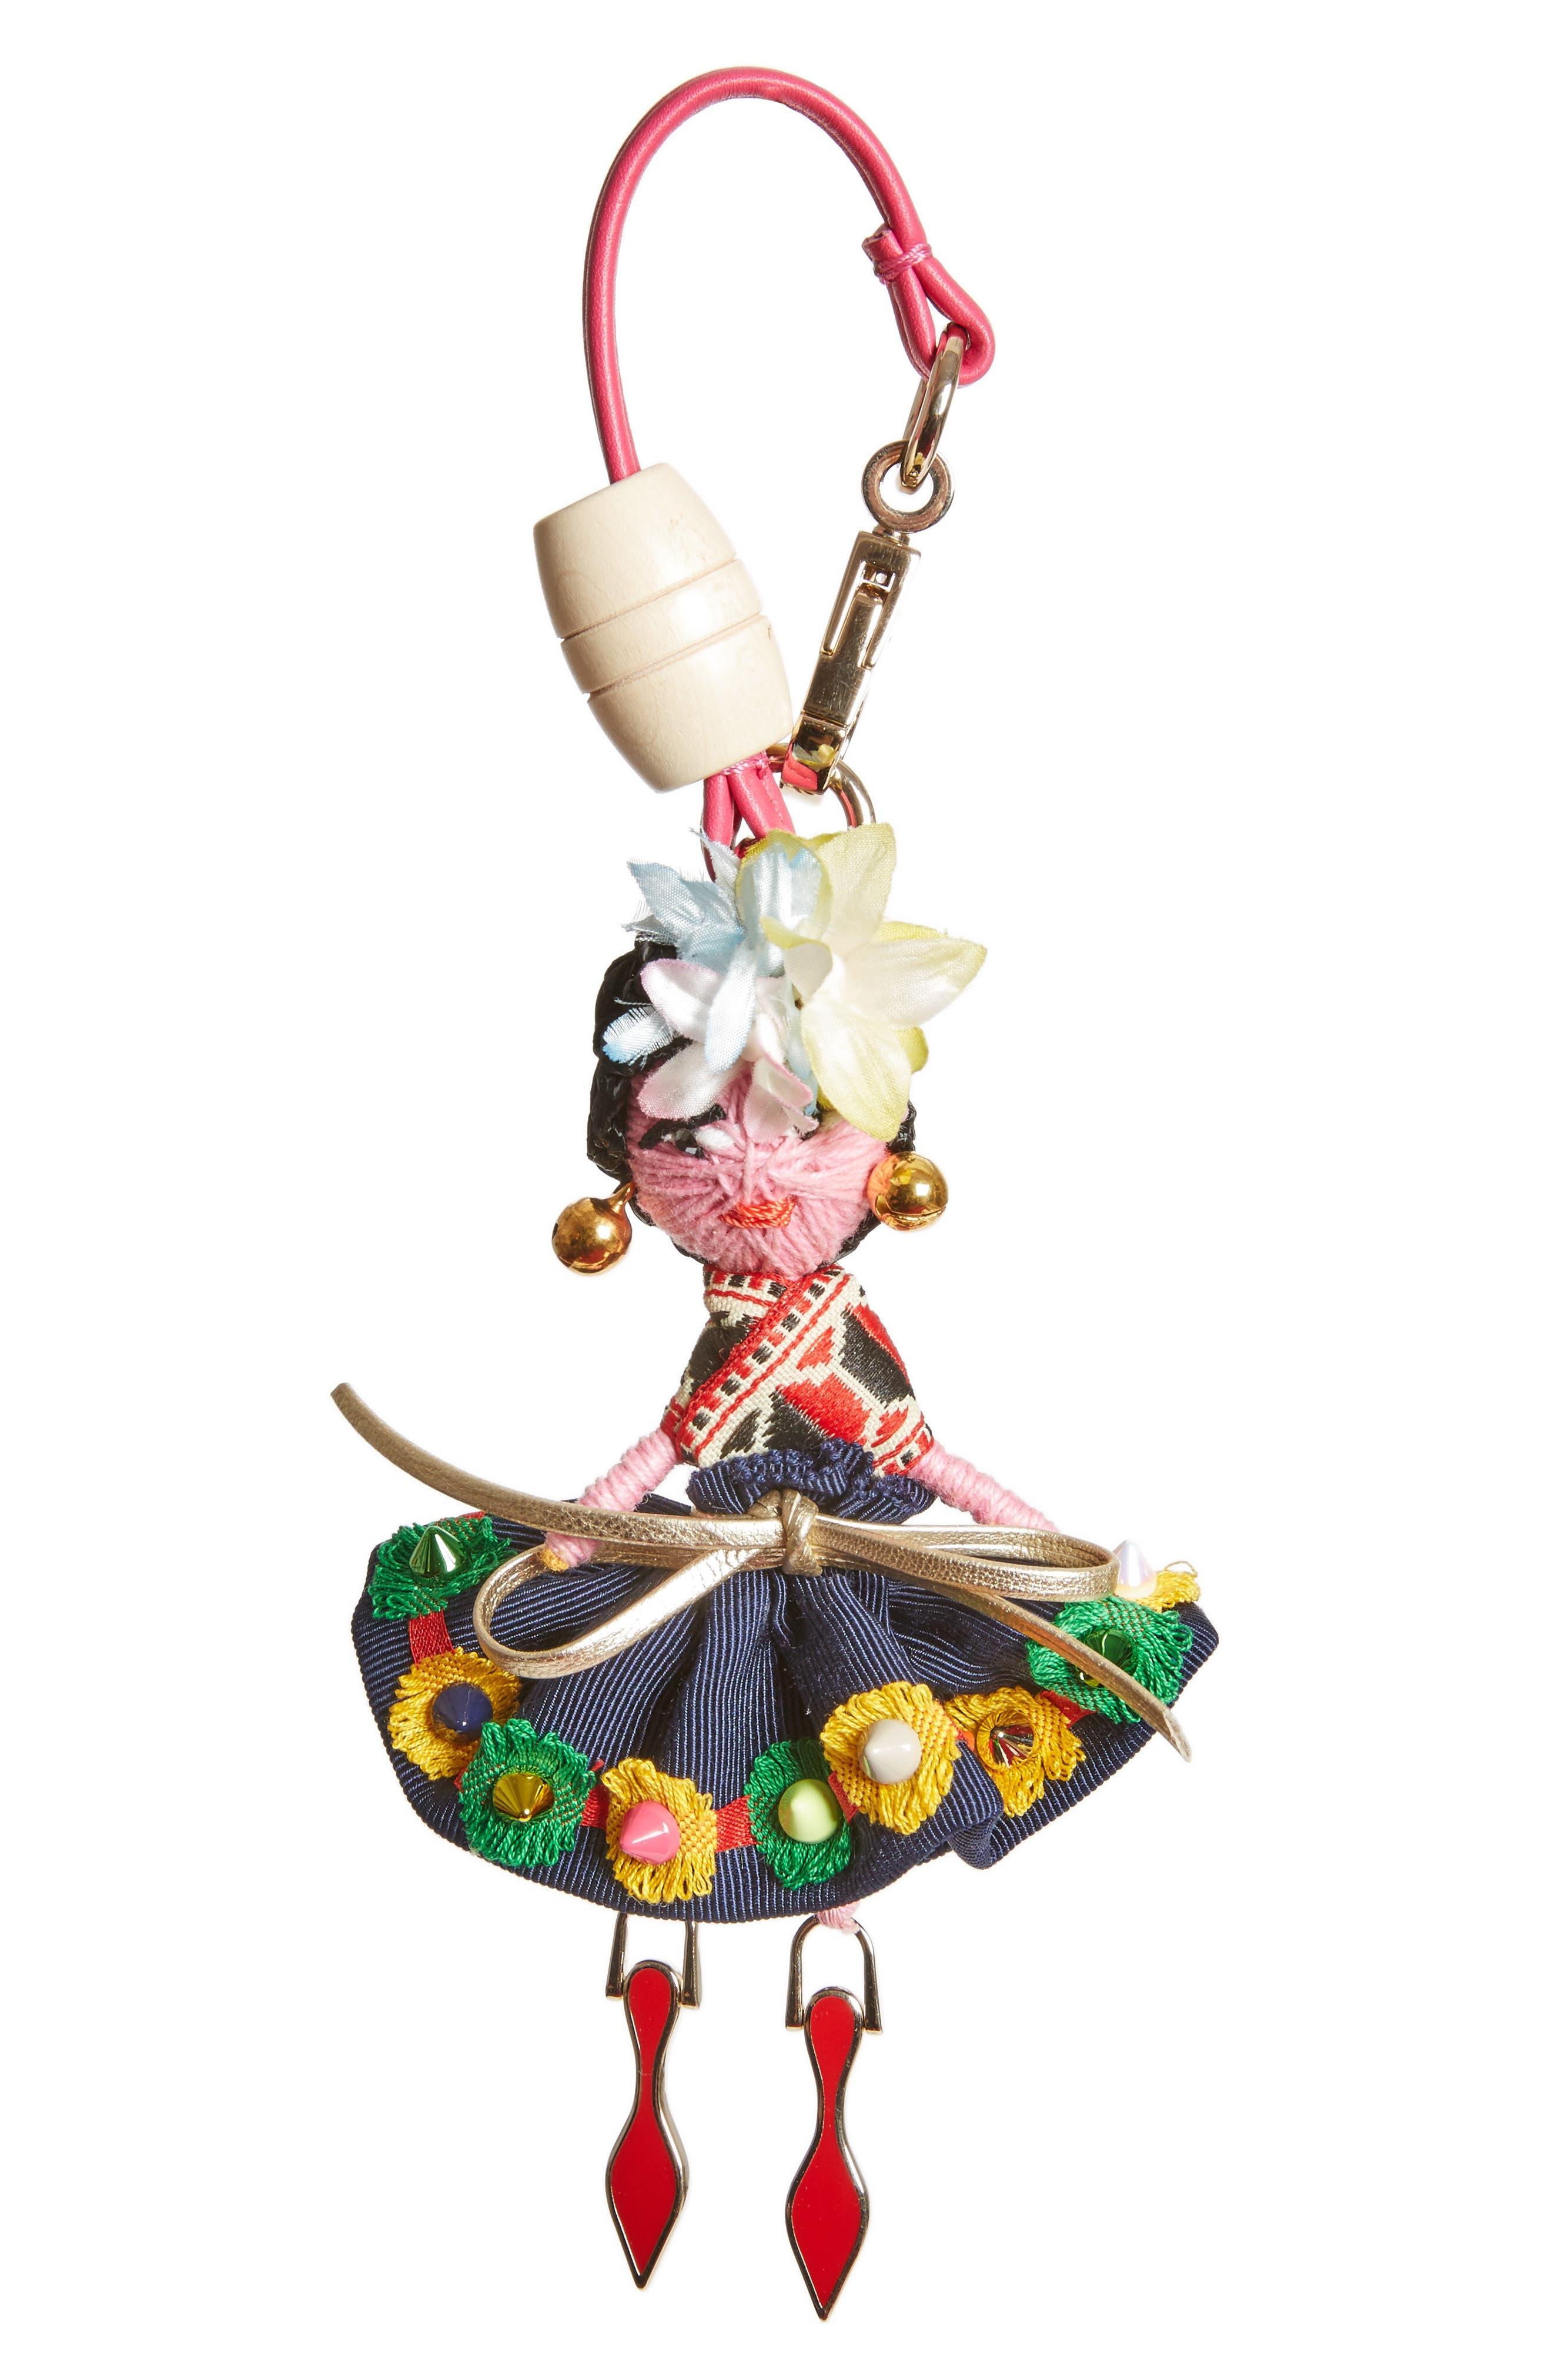 Mexiloubi Doll Bag Charm,                             Main thumbnail 1, color,                             Multi/ Gold